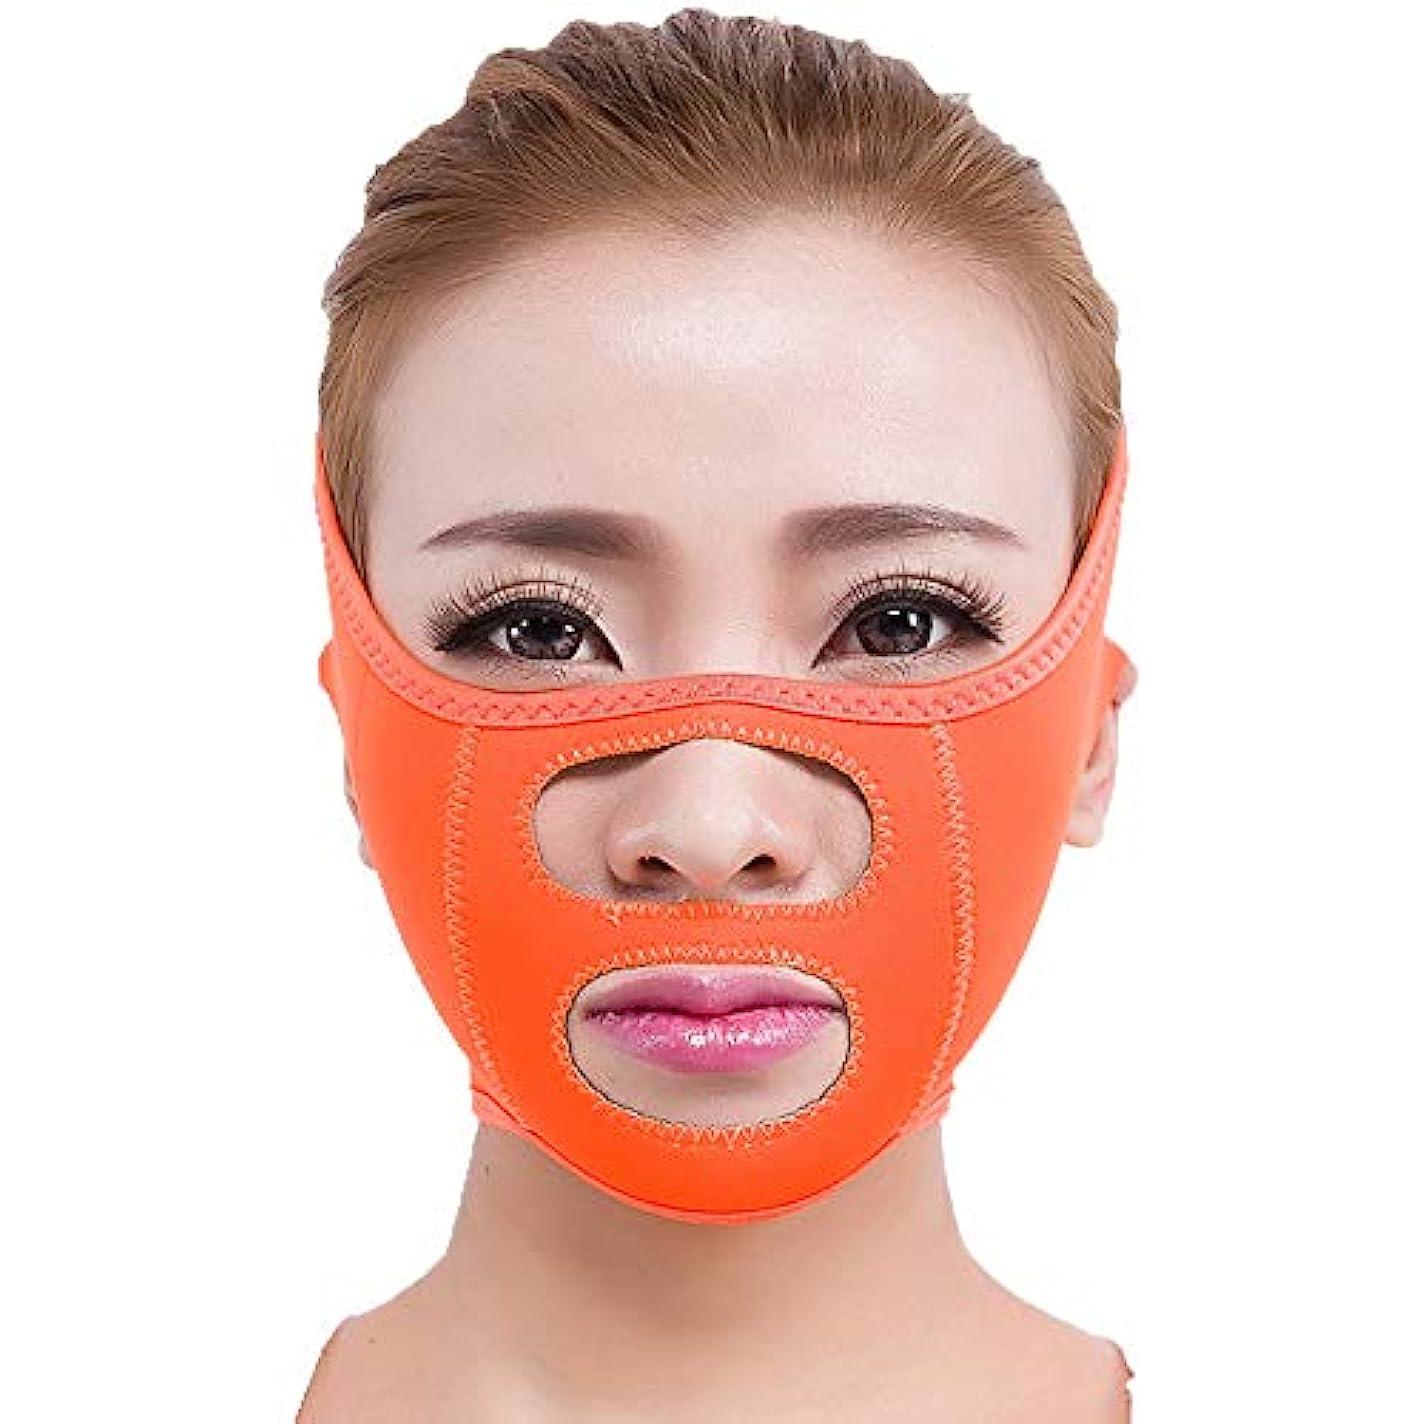 地元骨の折れる泳ぐ二重顎の圧力低下装置、睡眠薄い顔のベルト小さなvの顔の器械の包帯マスク持ち上げる顔のステッカー,Orange